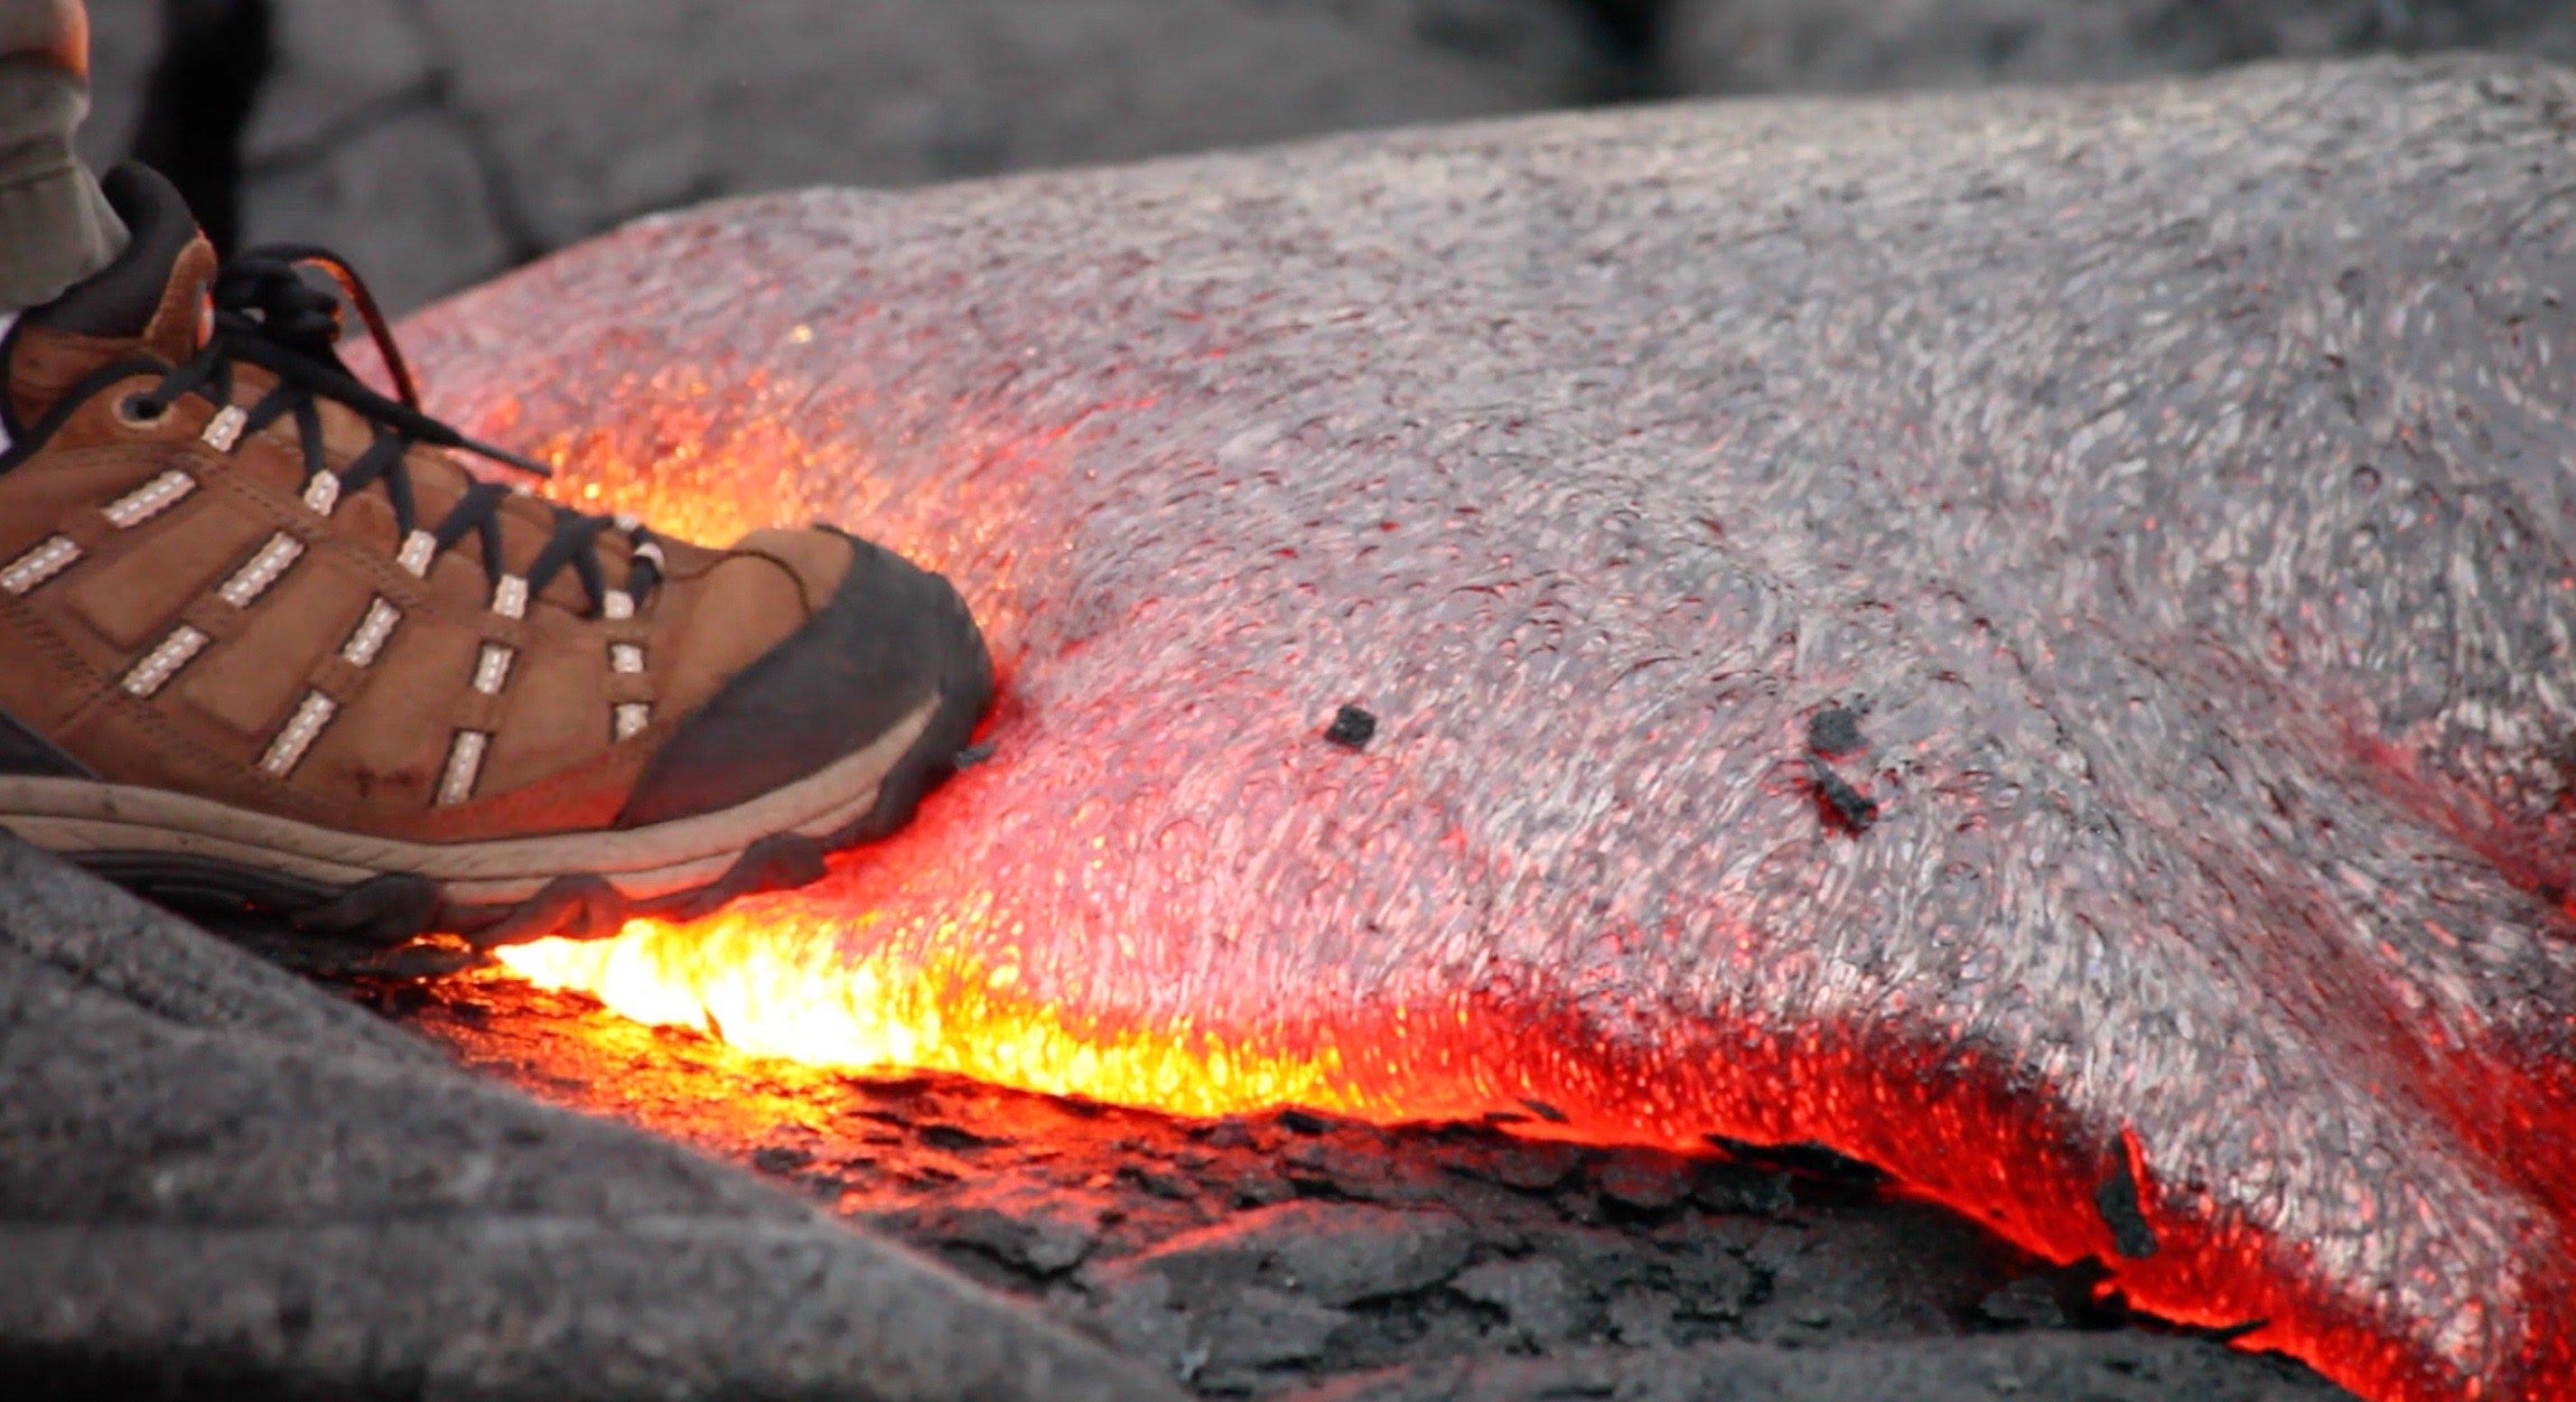 授業で見せたい動画40「靴で溶岩を踏んだら・・・」